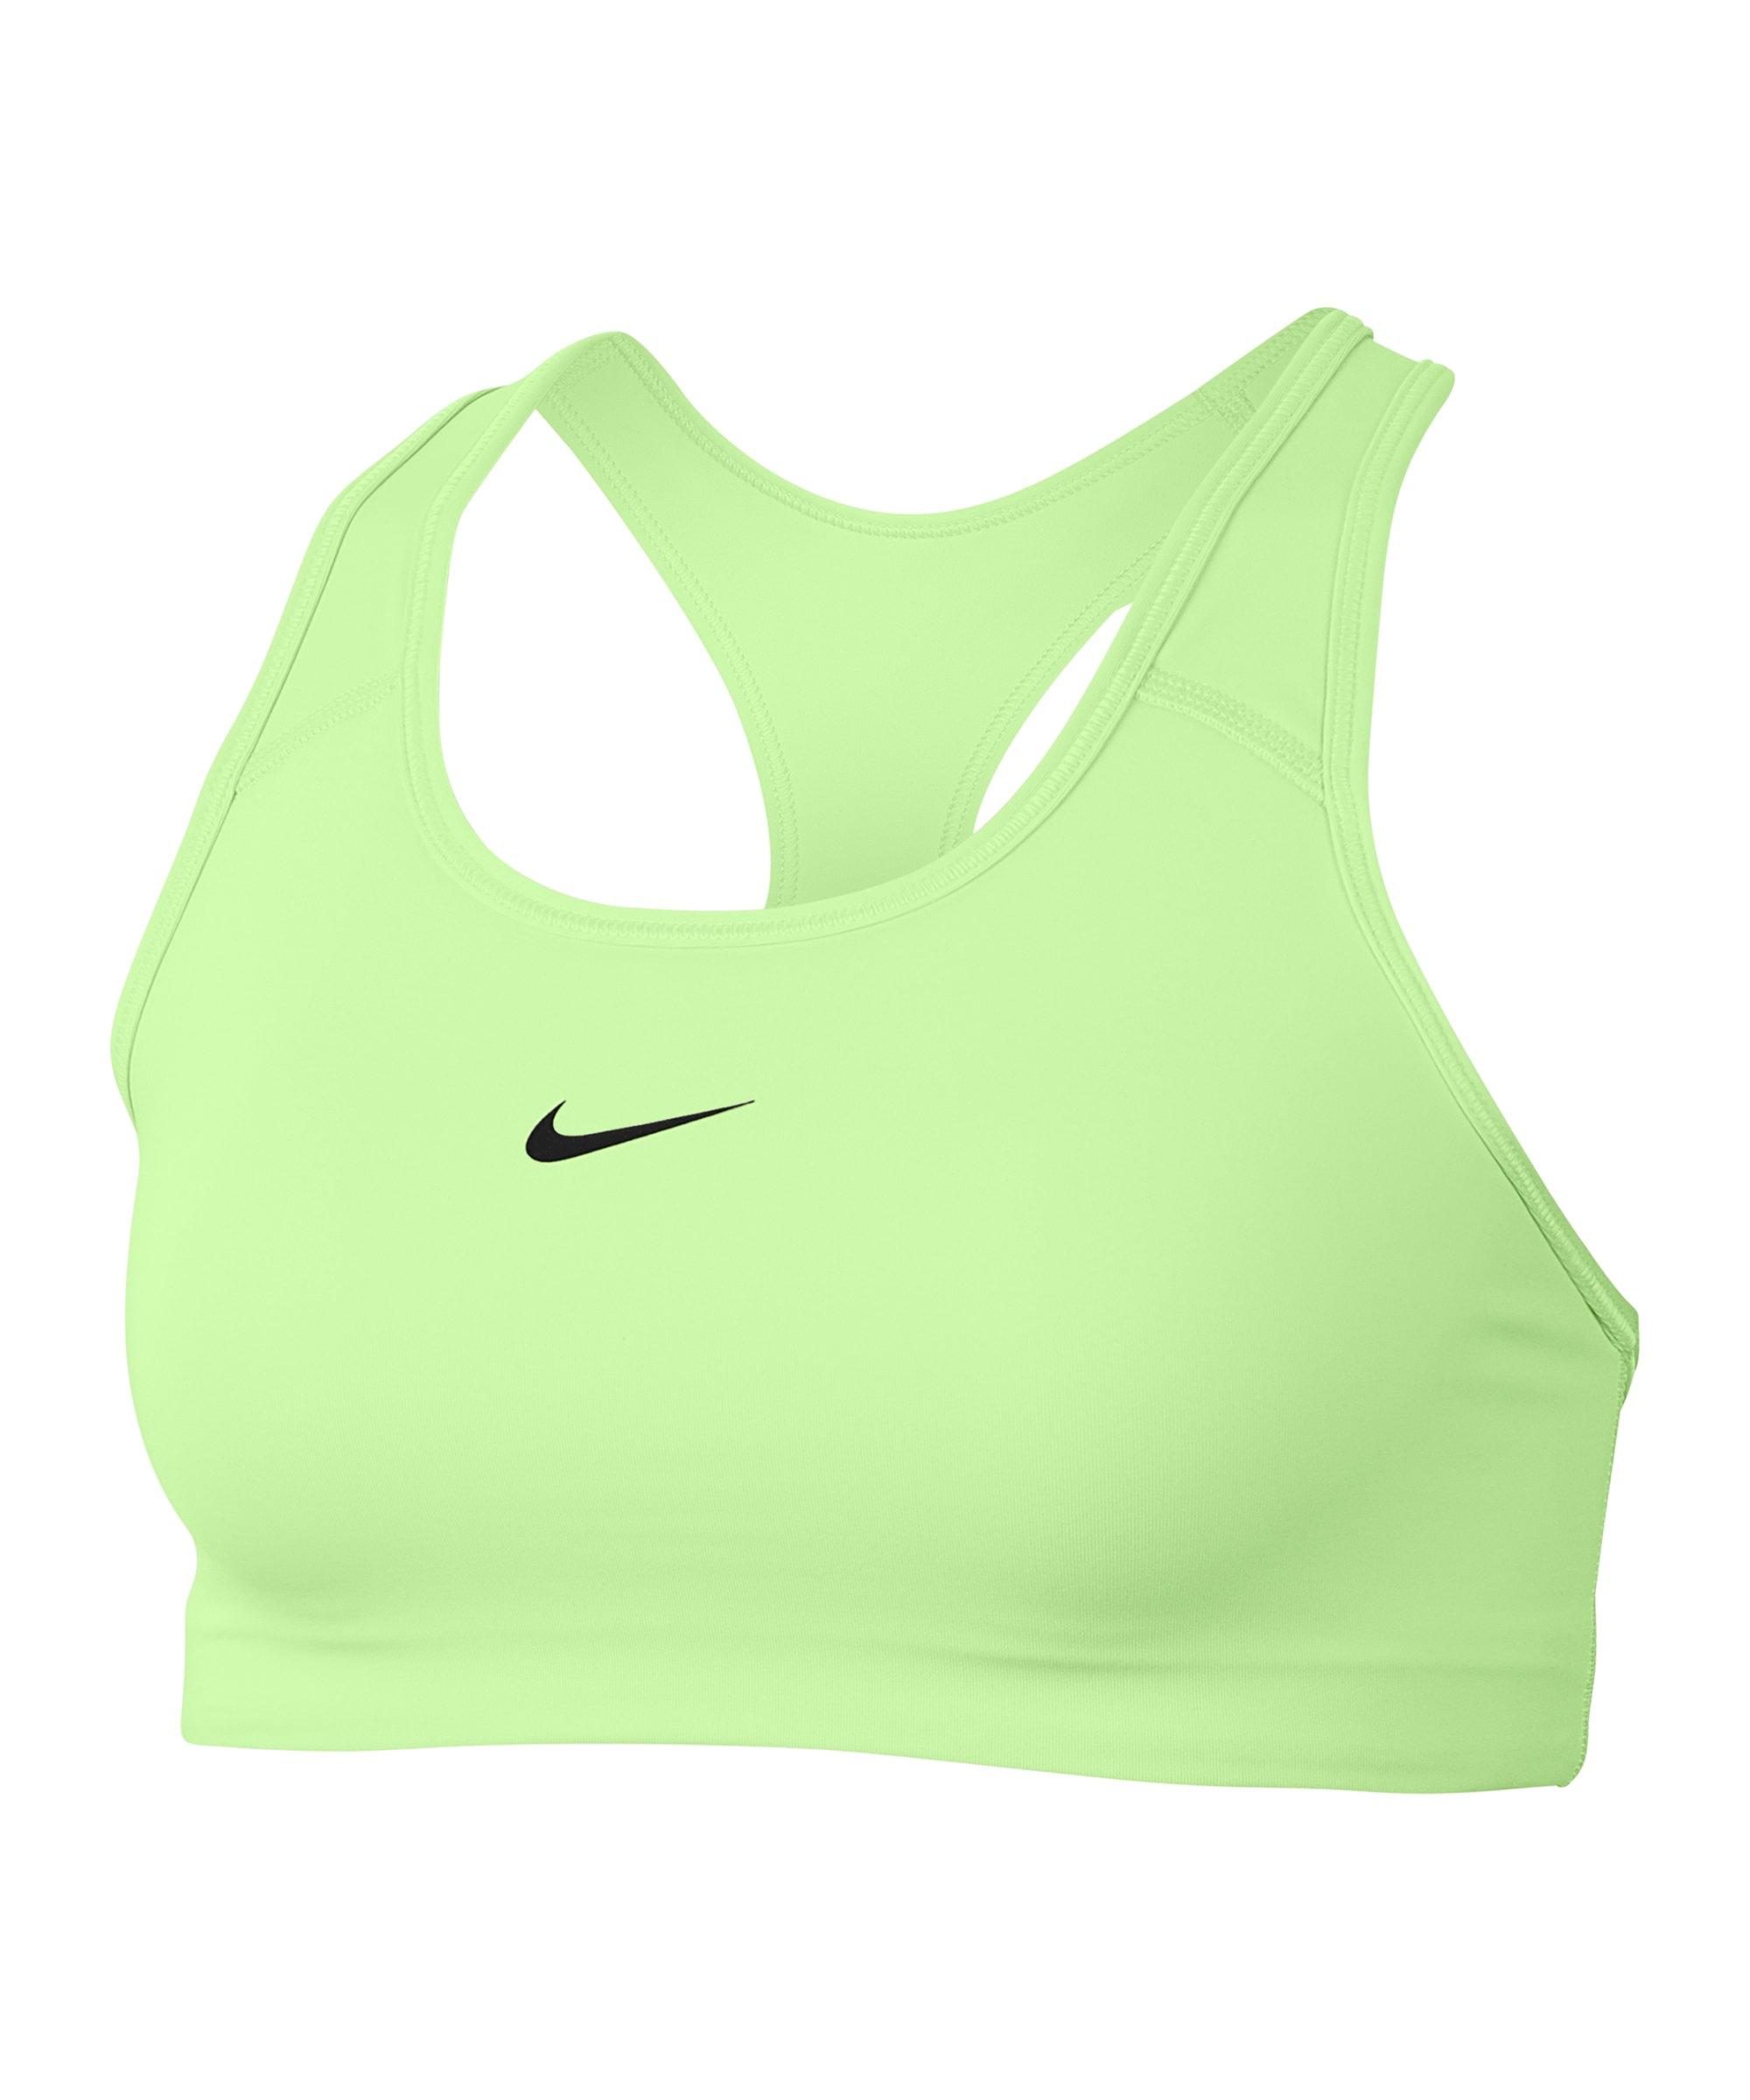 Nike Swoosh Bra Sport-BH Damen Grün F701 - gruen